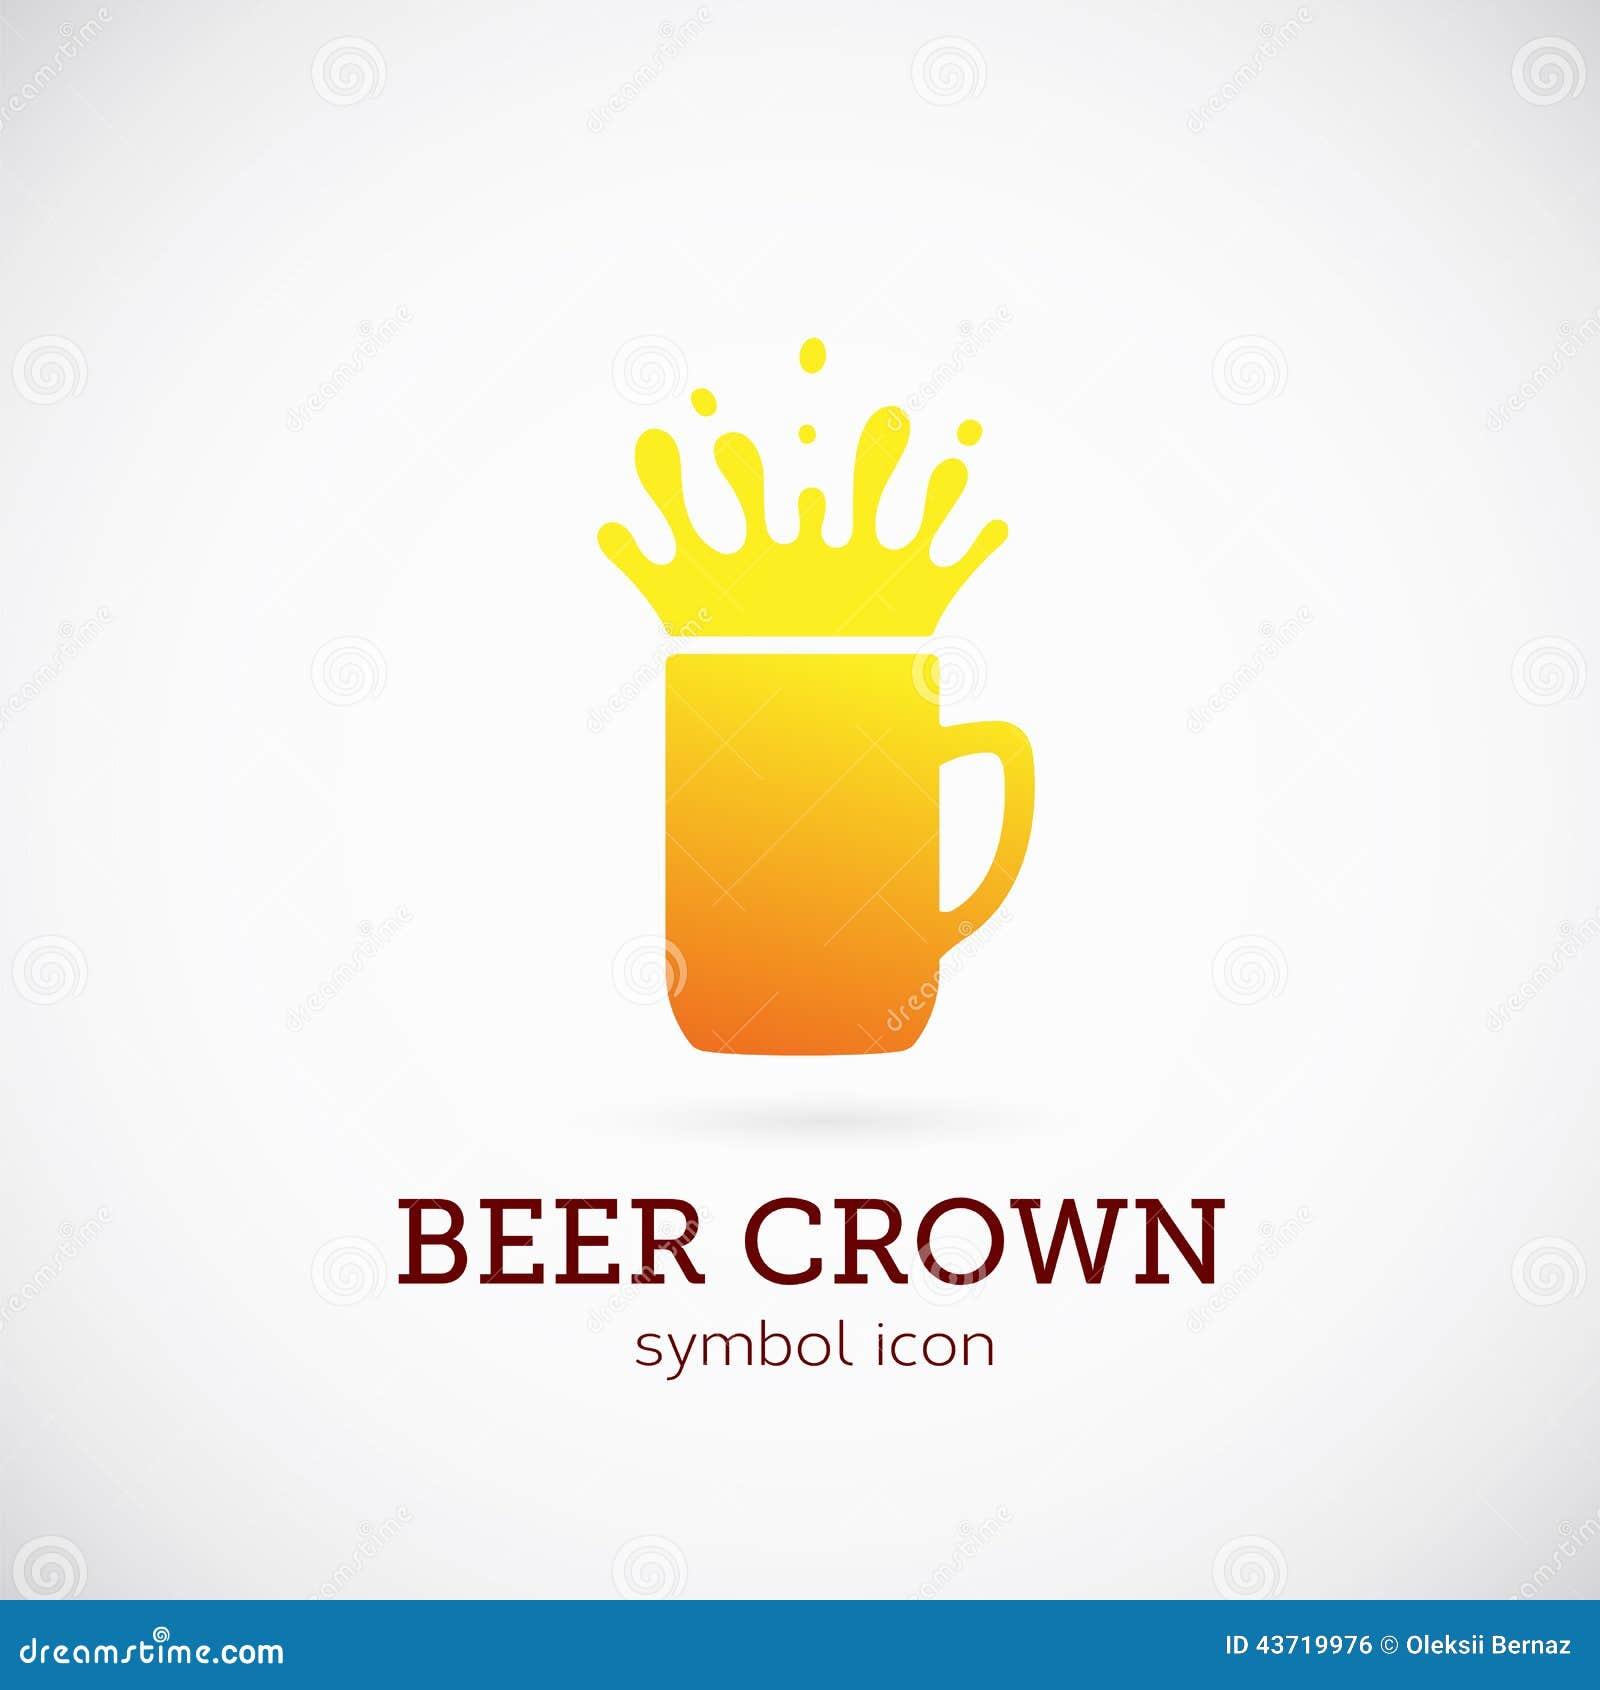 beer crown vector concept symbol icon or logo stock vector